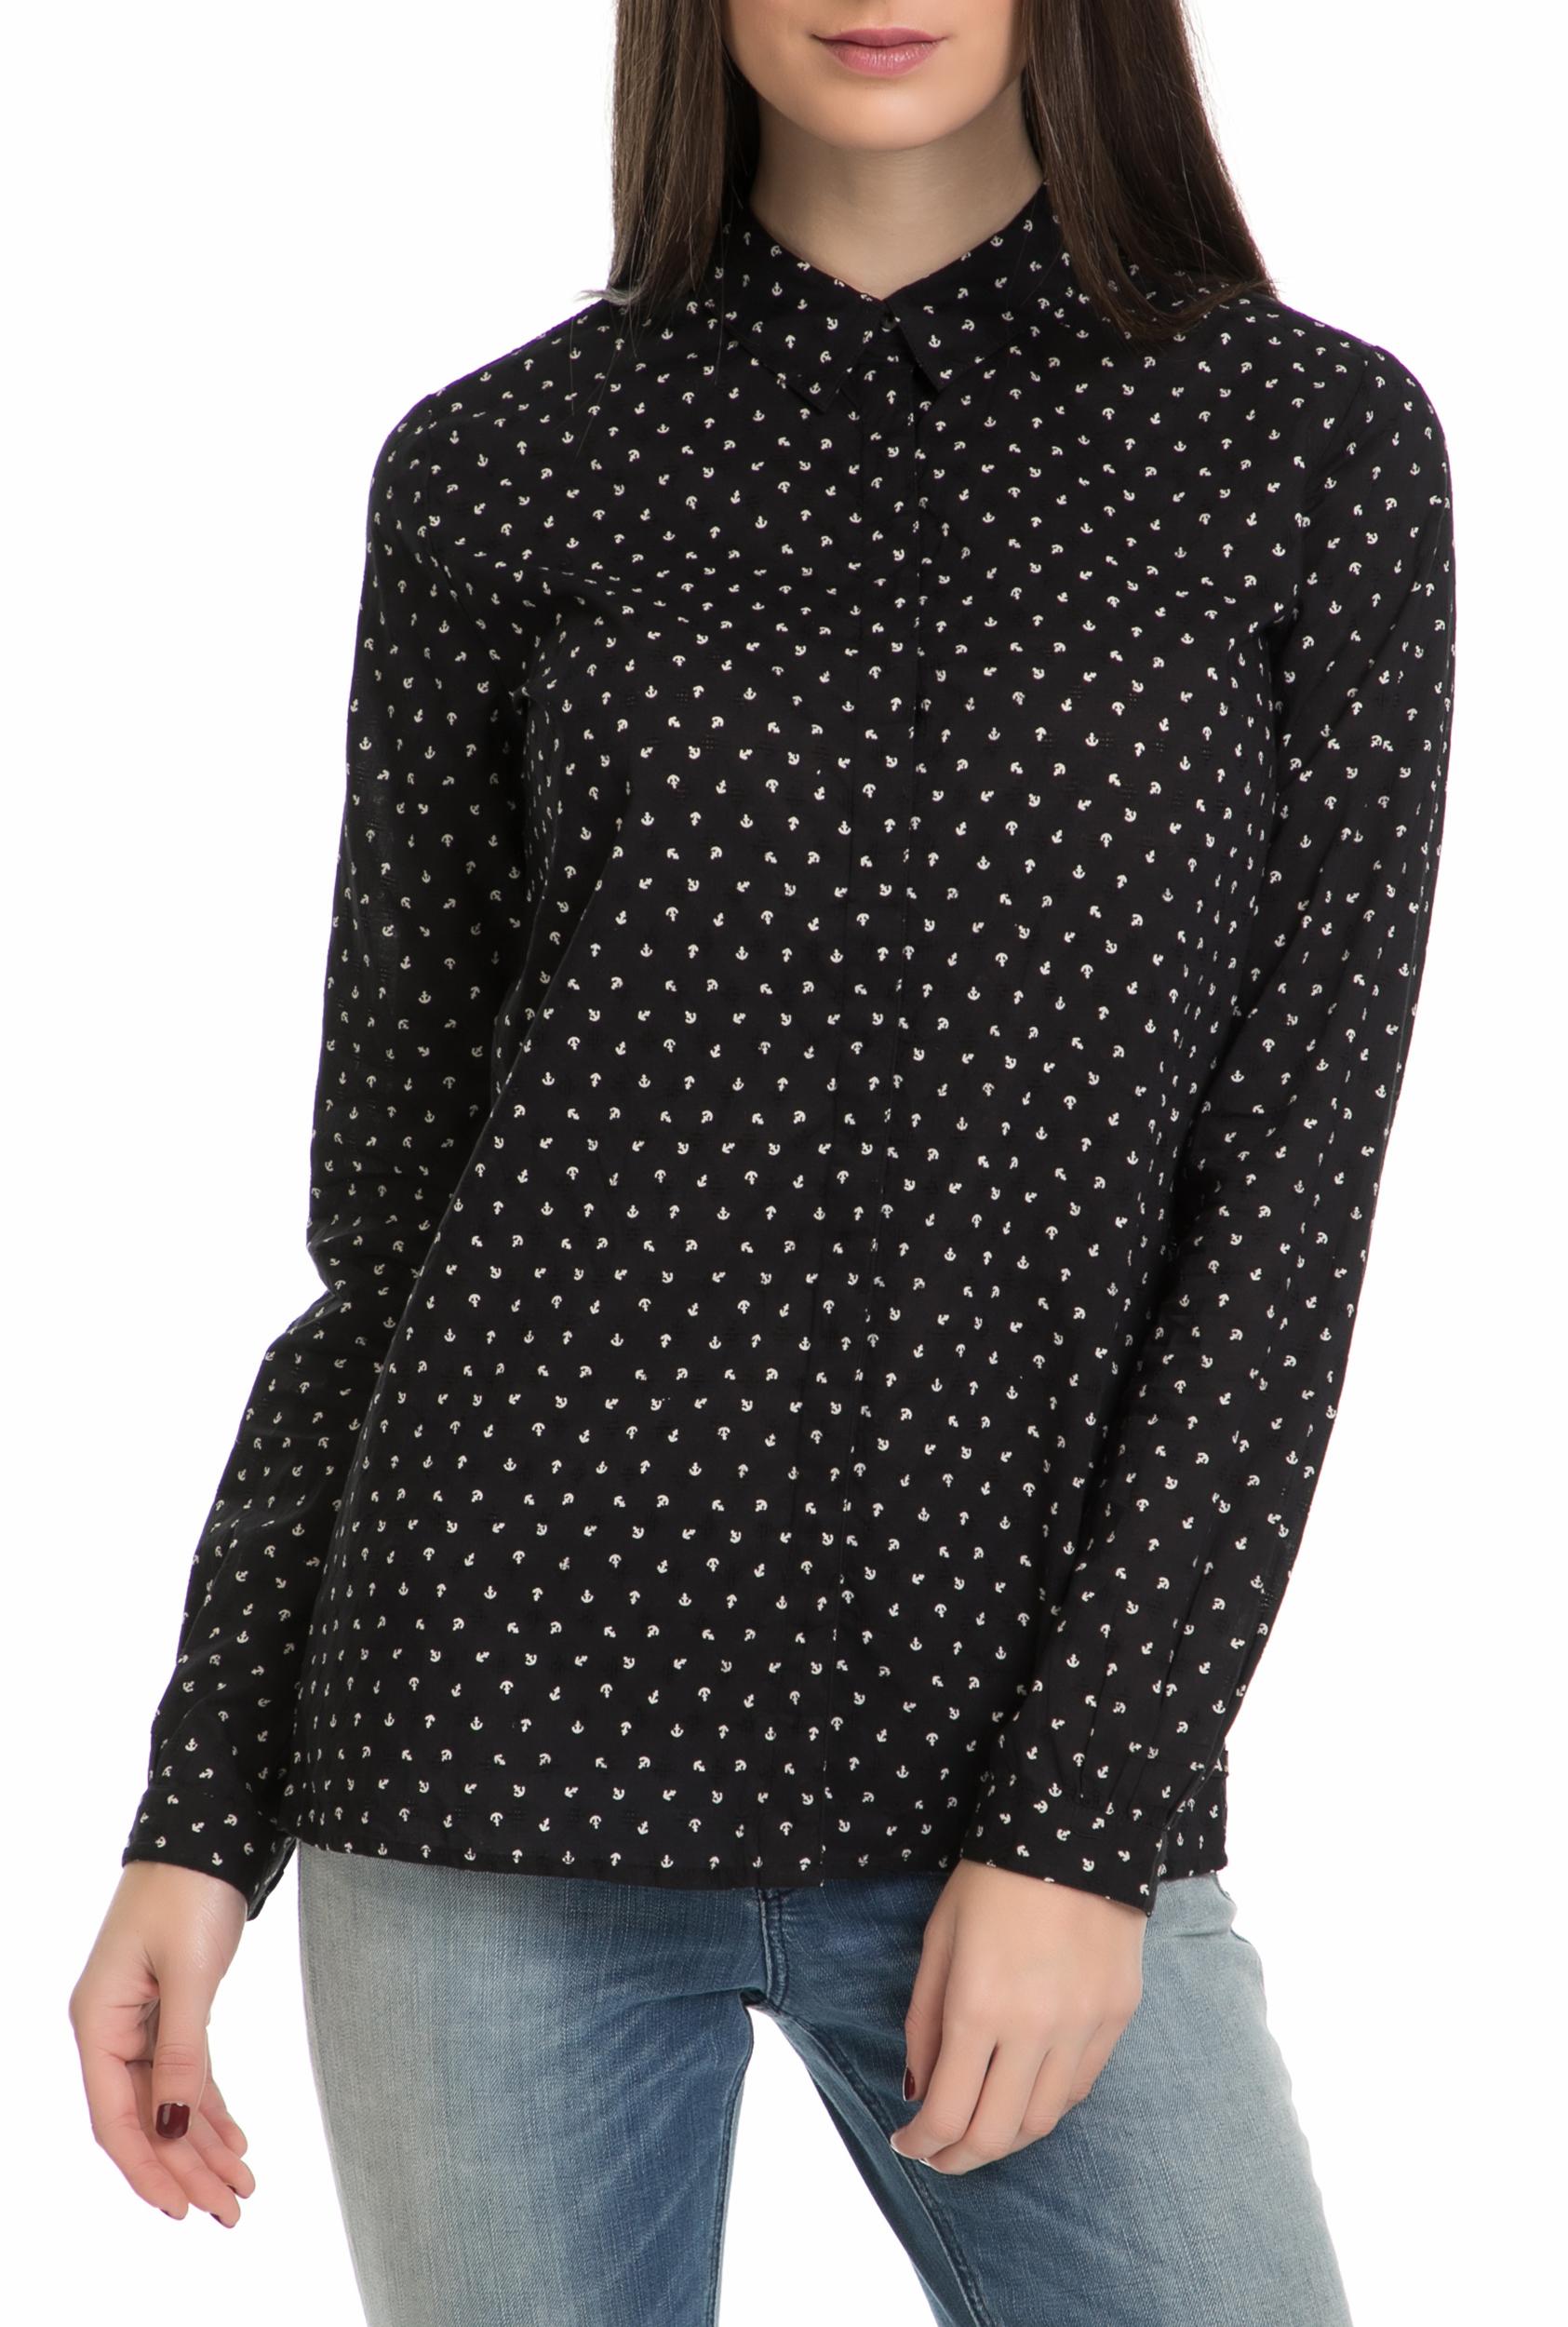 SCOTCH & SODA - Γυναικείο πουκάμισο SCOTCH & SODA μαύρο